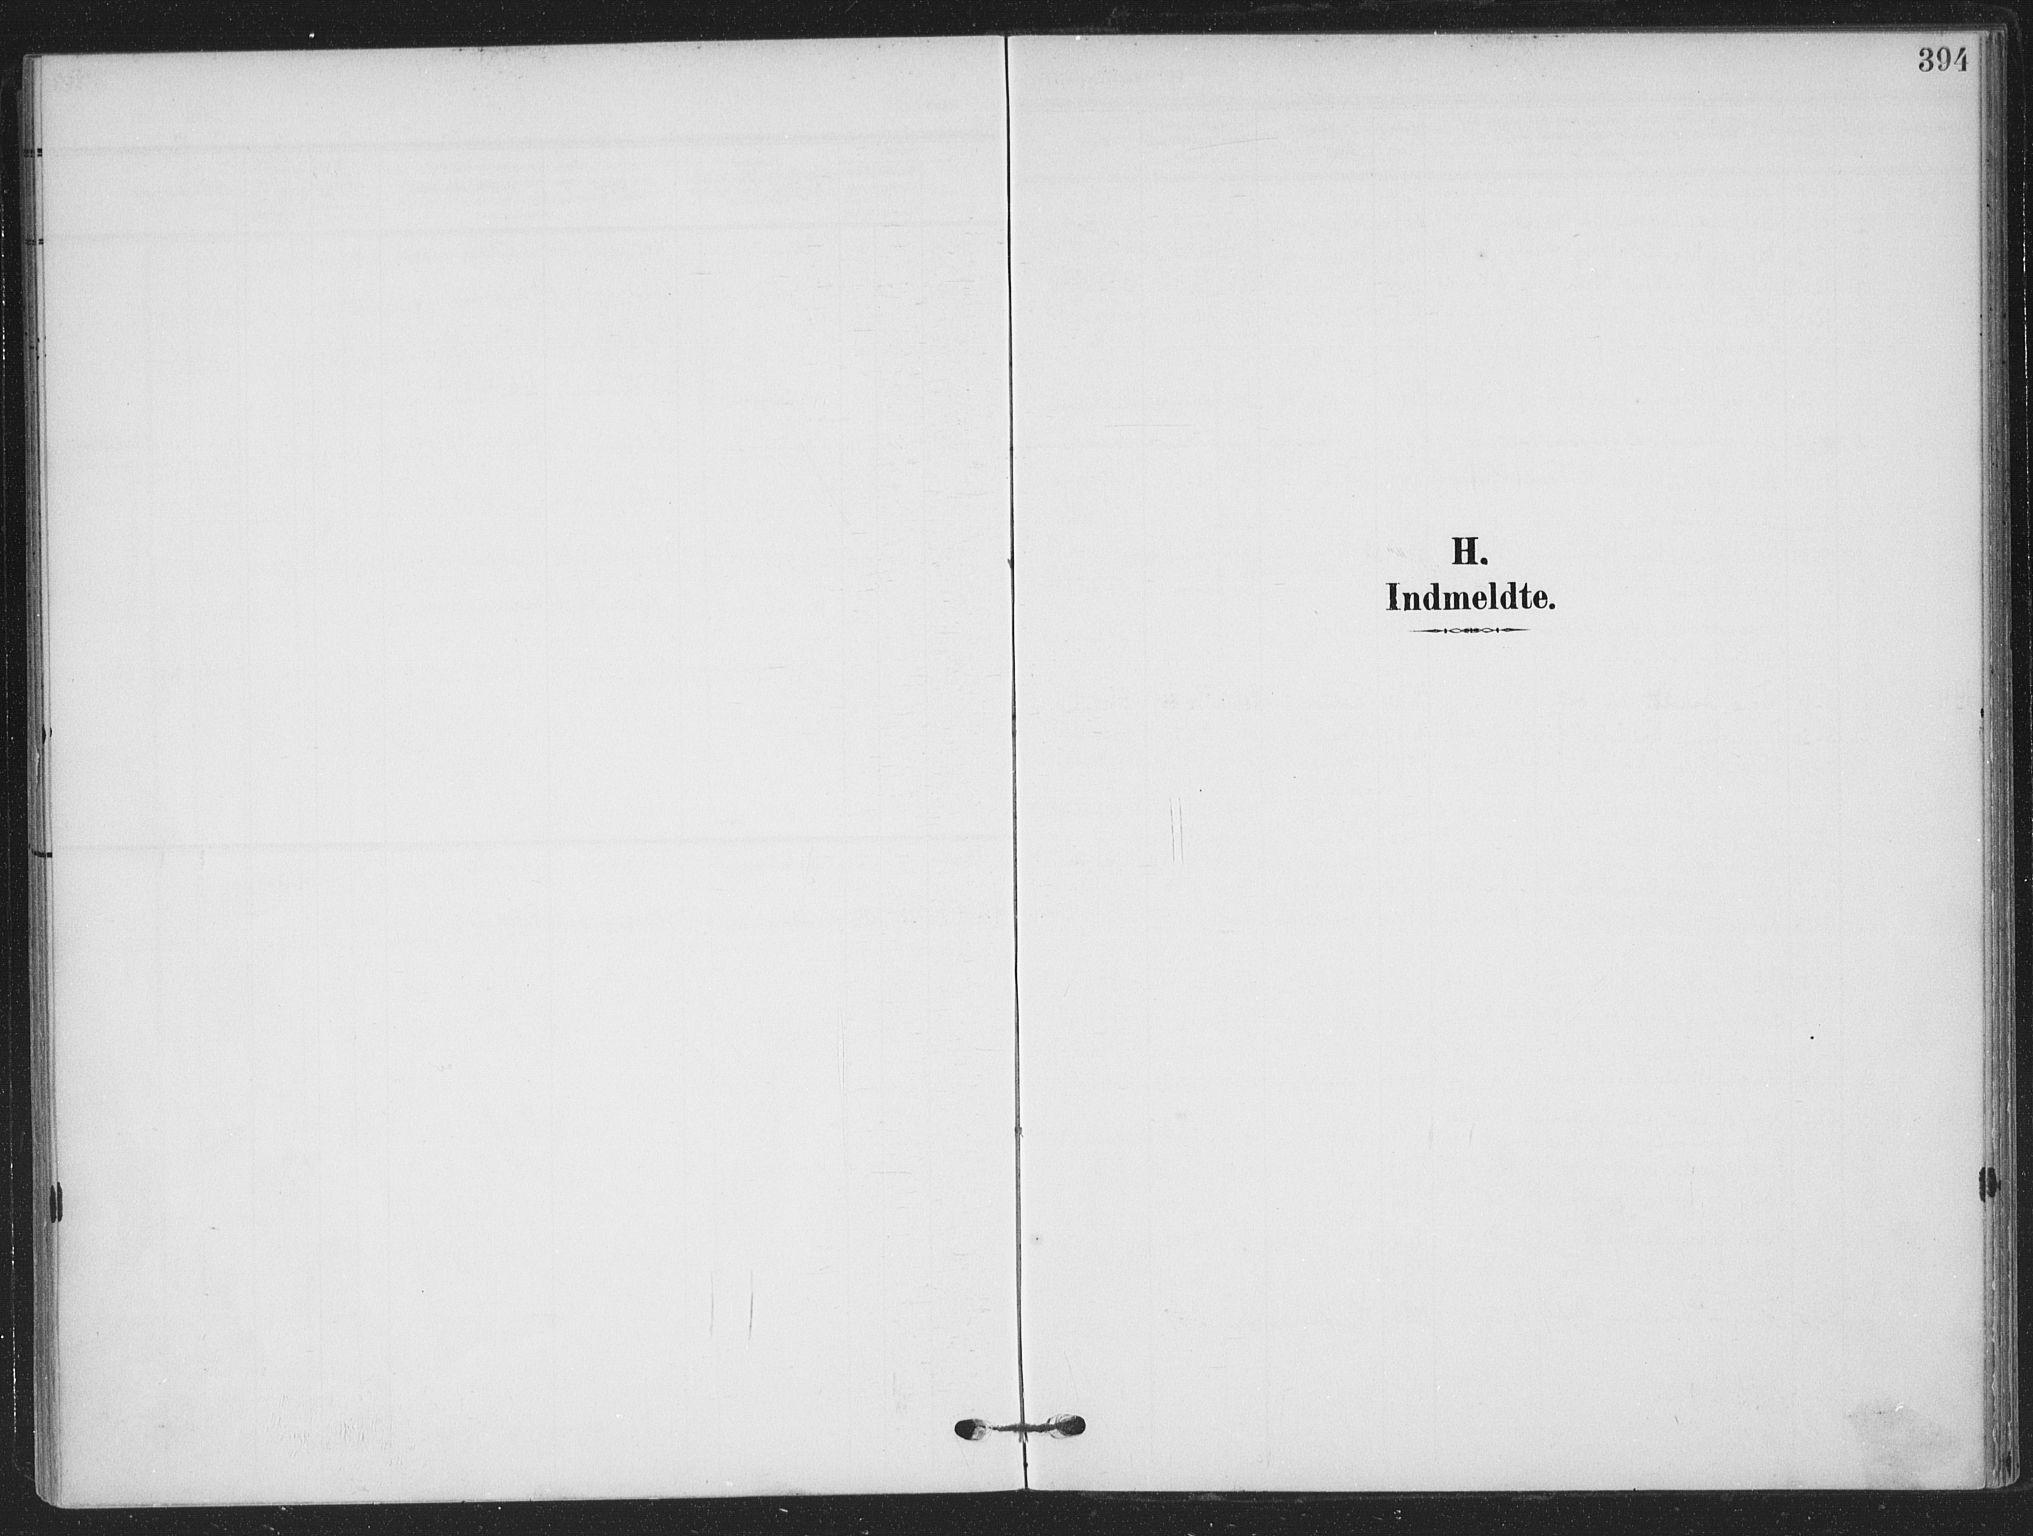 SAKO, Skien kirkebøker, F/Fa/L0012: Ministerialbok nr. 12, 1908-1914, s. 394